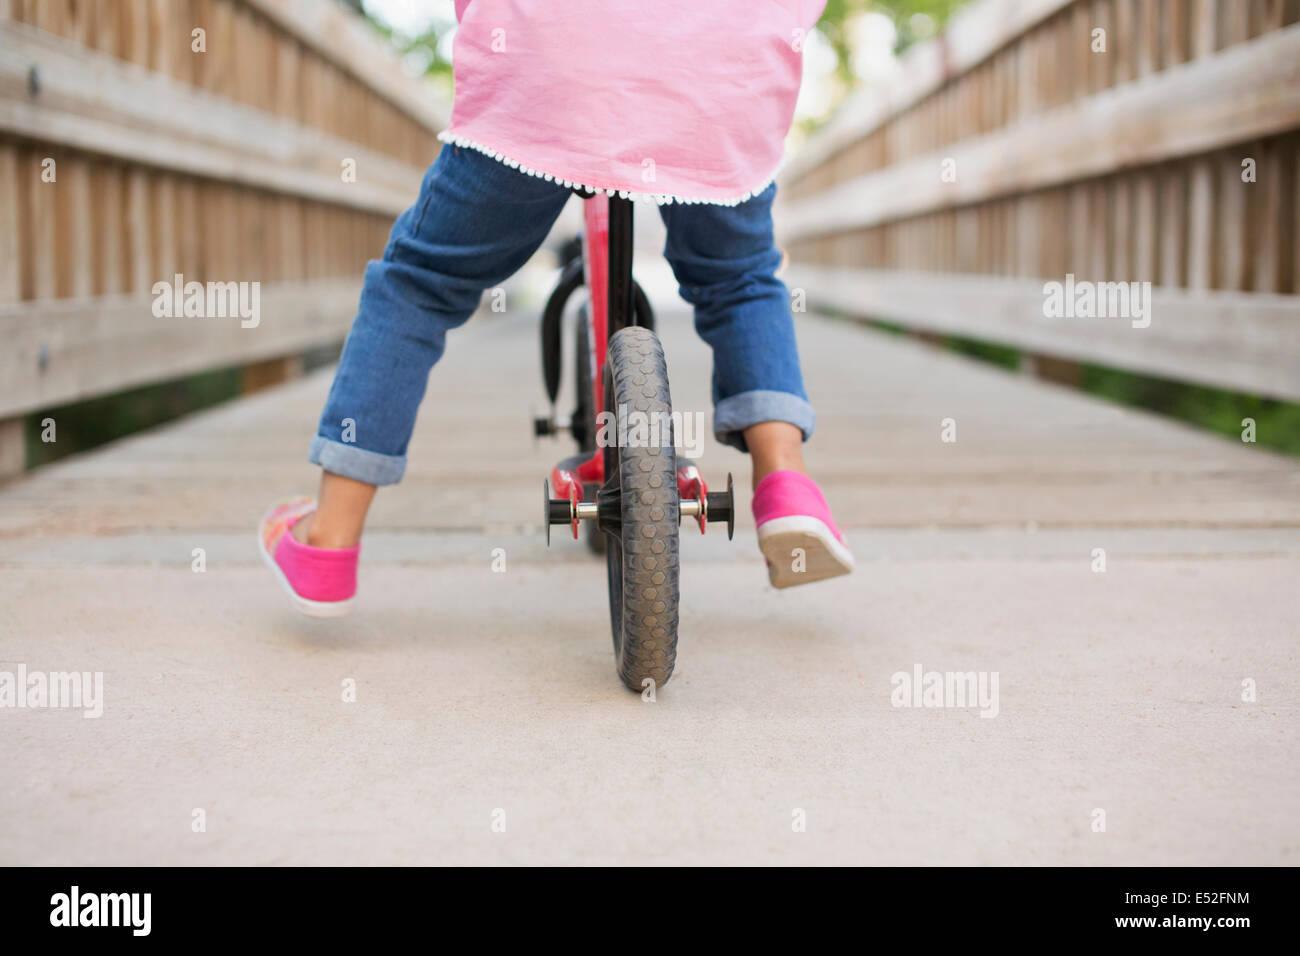 Un niño que viaja en una bicicleta en una rambla. Imagen De Stock